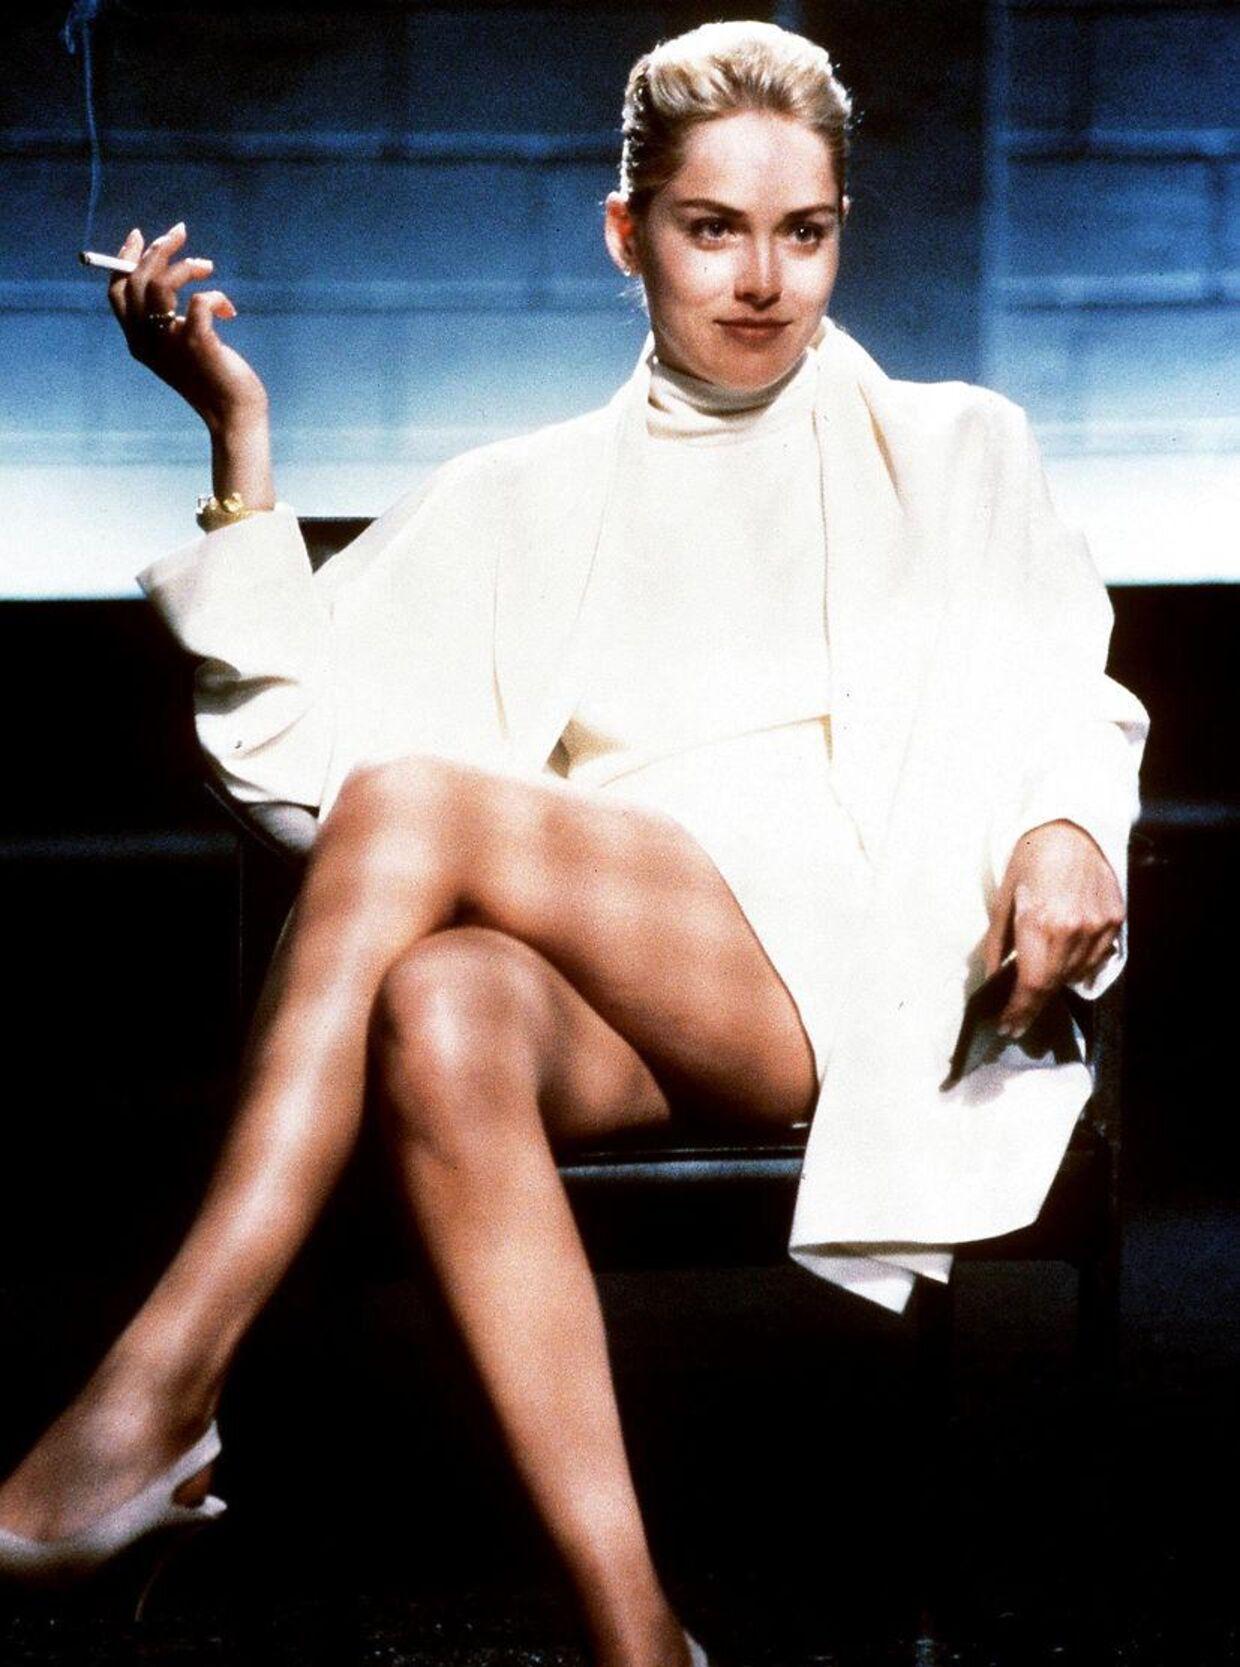 Her et stilbillede fra den omtalte scene med Sharon Stone i 'Basic Instinct'.